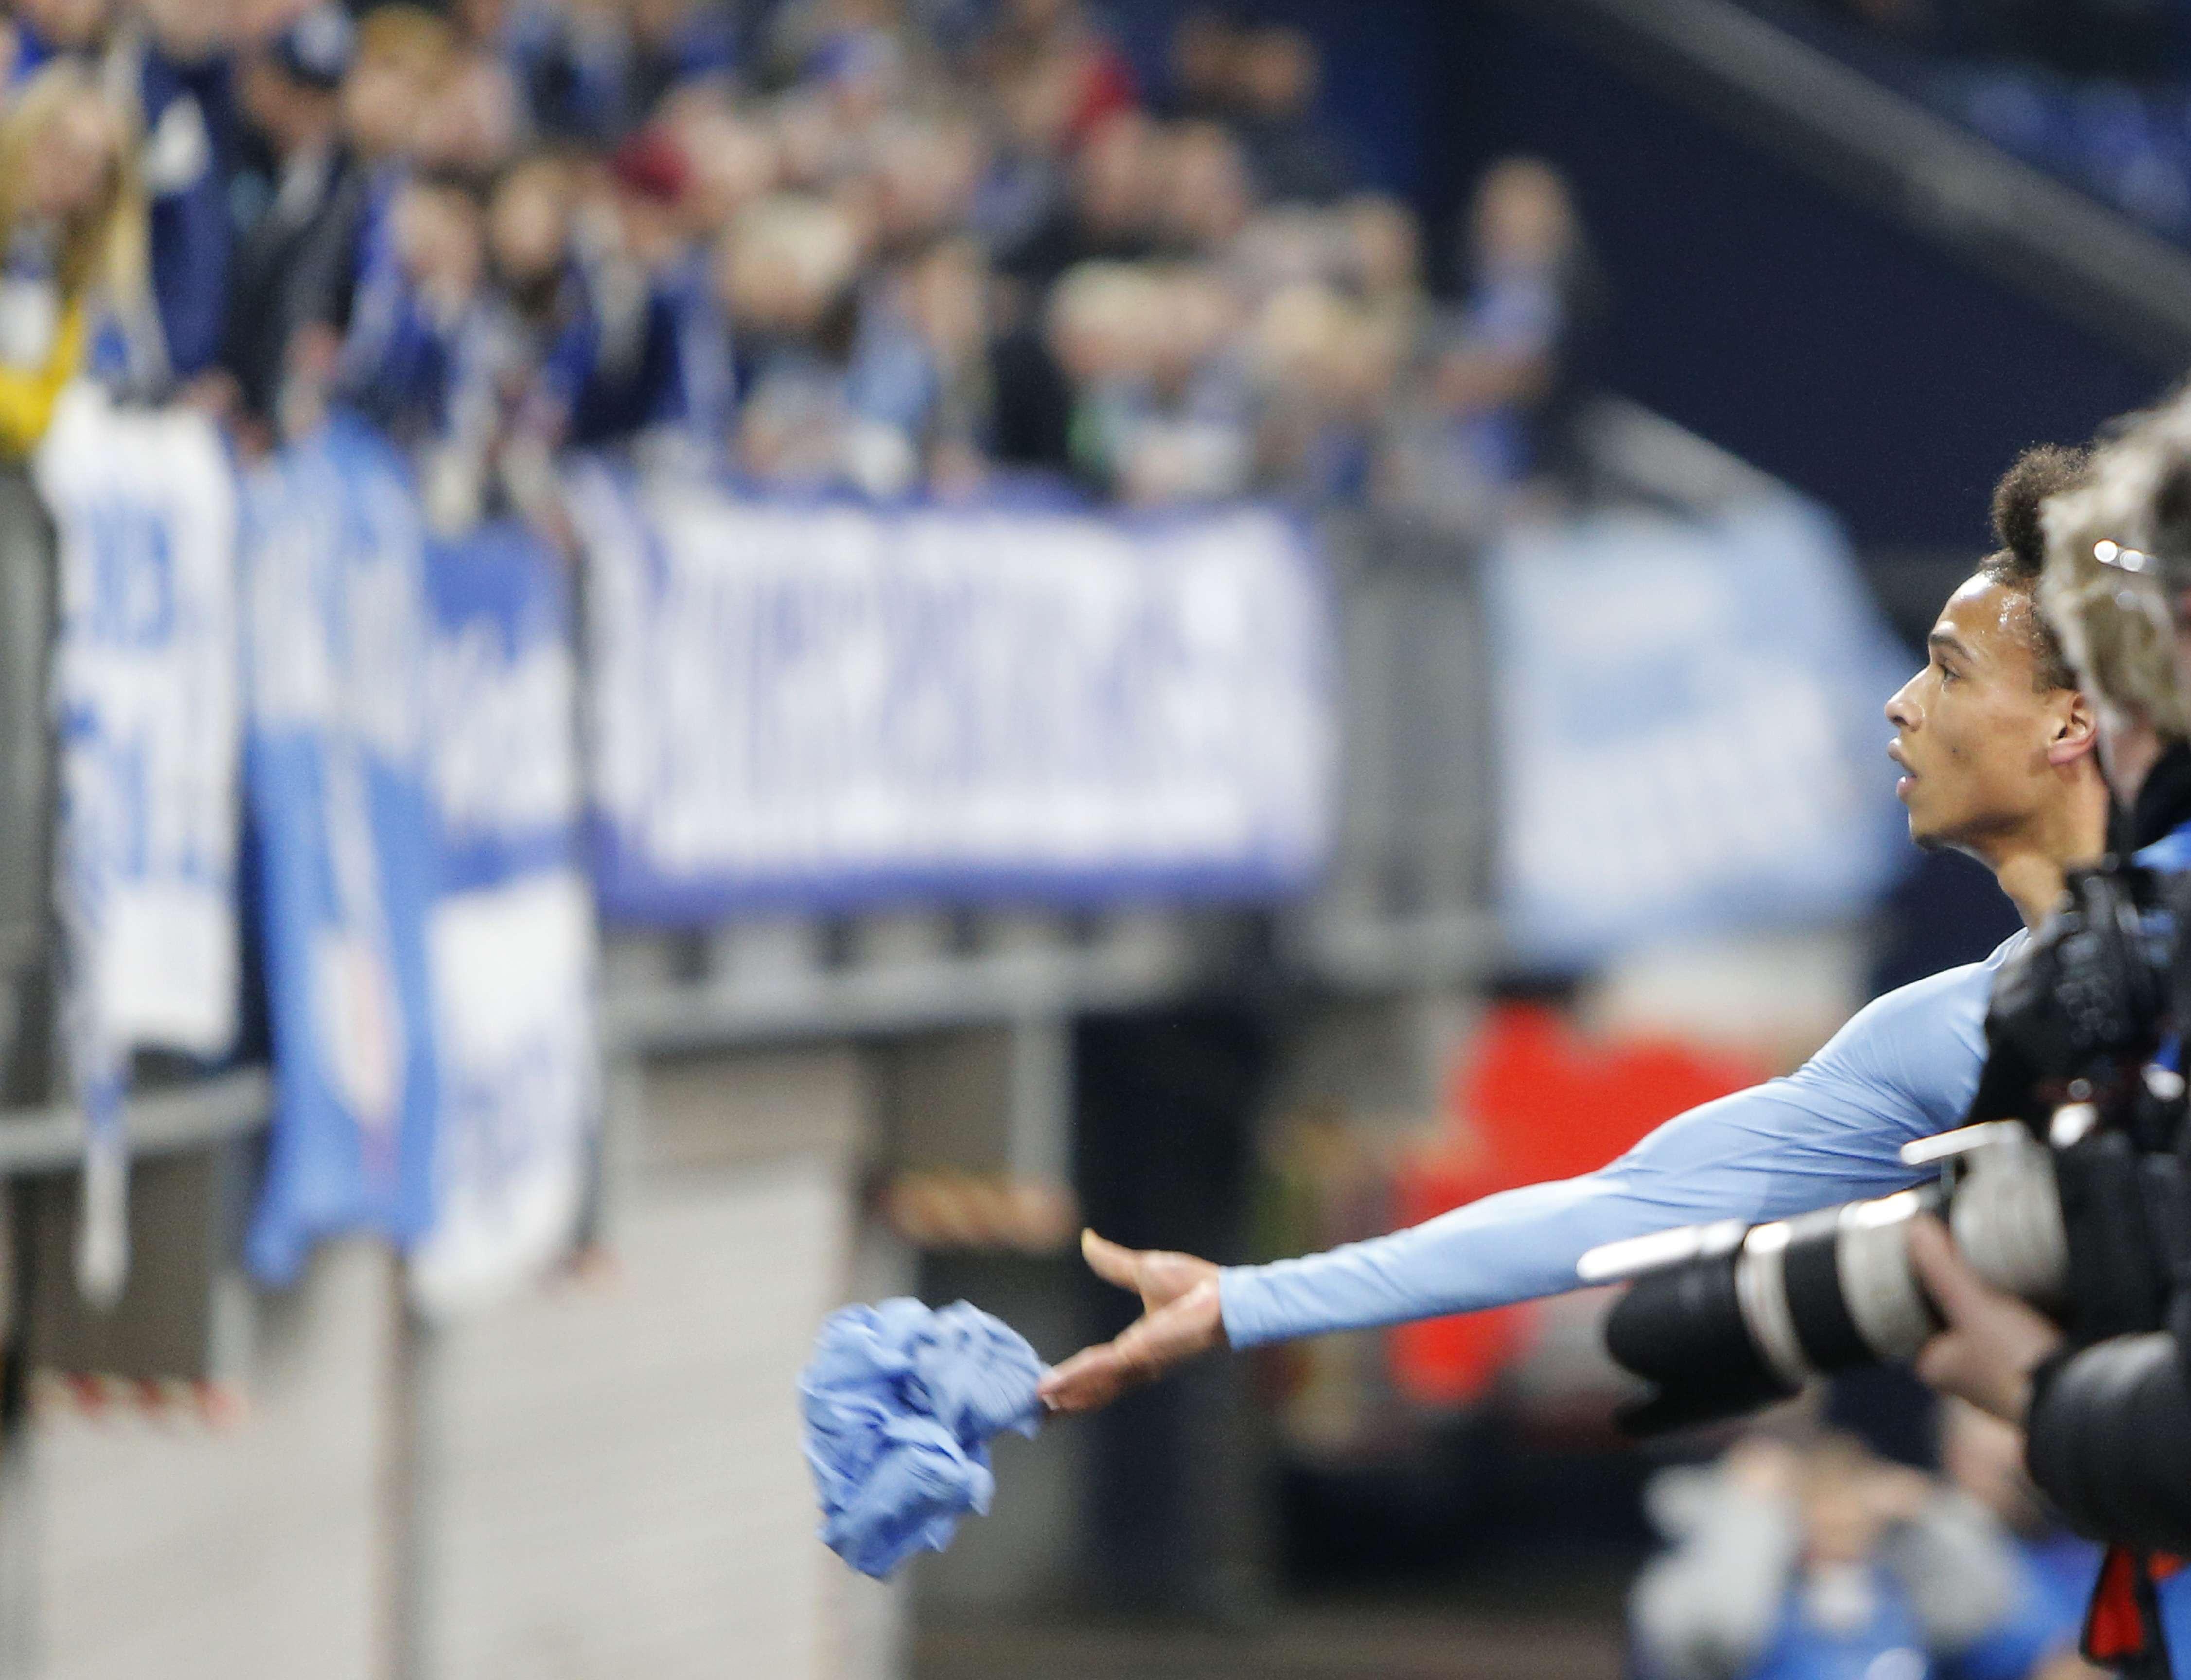 Arrestan a aficionado de Schalke por agredir a otro del City